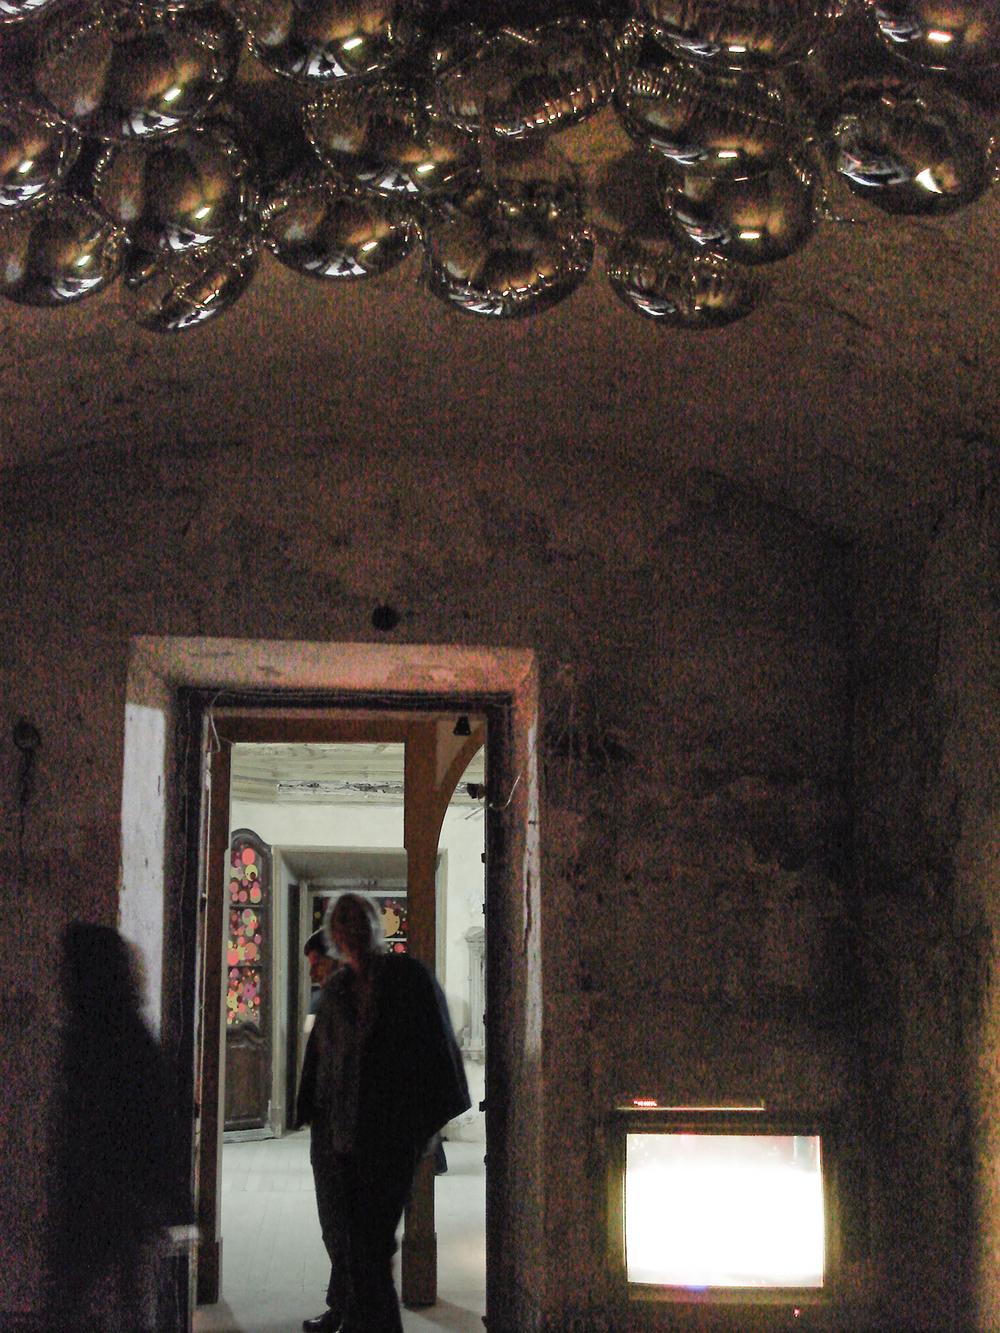 Coletiva dos artistas do Ateliê Fidalga no Carpe Diem Arte e Pesquisa, em Lisboa, Portugal, de setembro a novembro de 2009. Coordenação Albano Afonso e Sandra Cinto. Curadoria de Paulo Reis. Obra exposta: Entretempos.